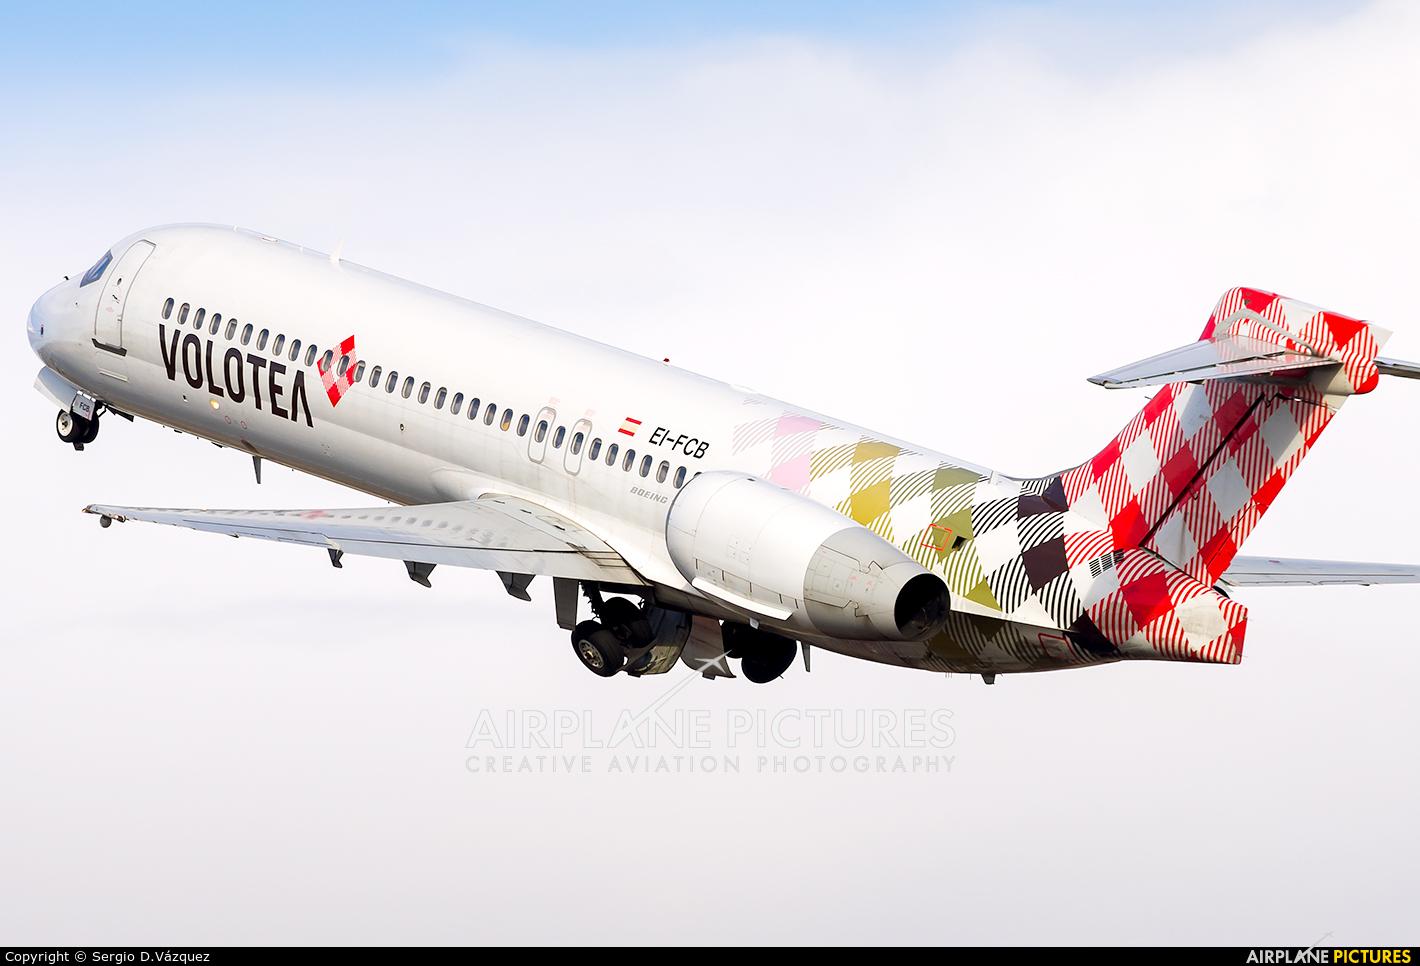 Volotea Airlines EI-FCB aircraft at Alicante - El Altet